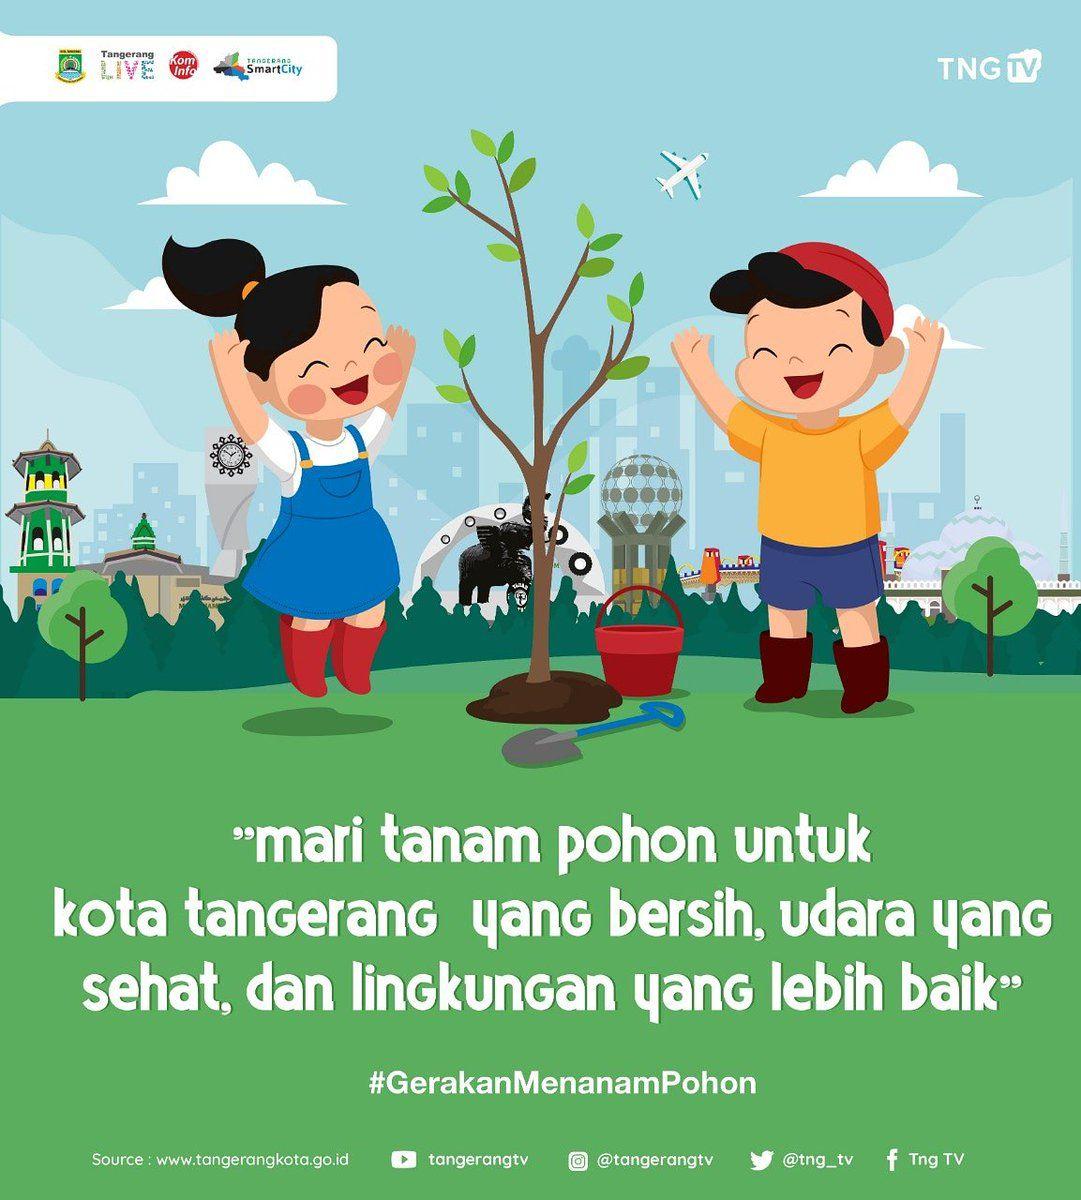 Gambar Poster Lingkungan Sekolah di 2020 Poster, Gambar